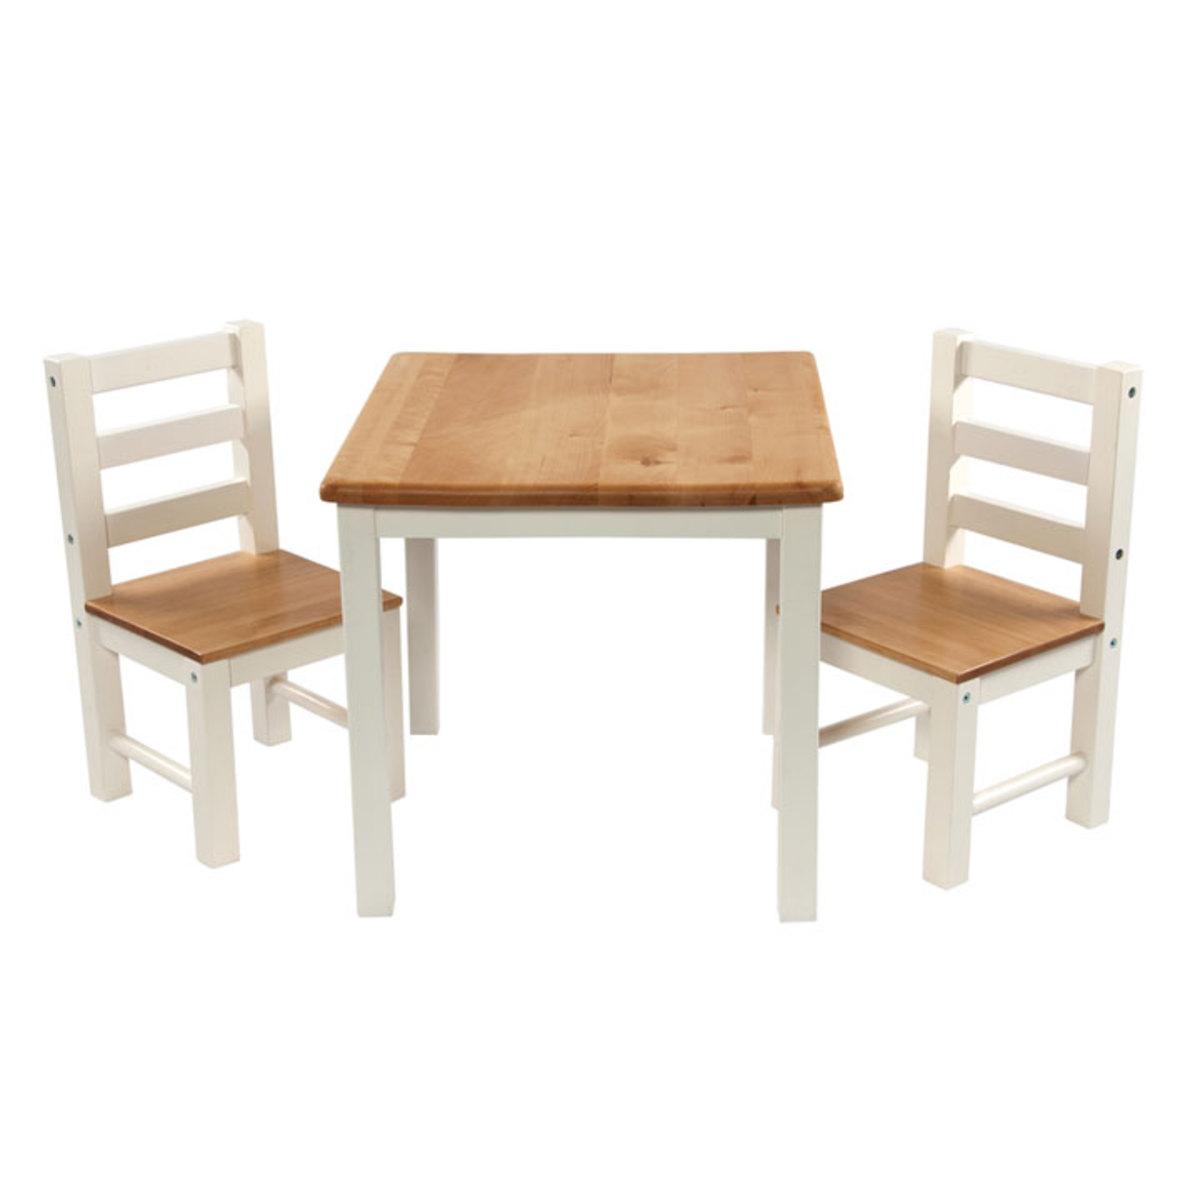 Table et chaise bebe pas cher